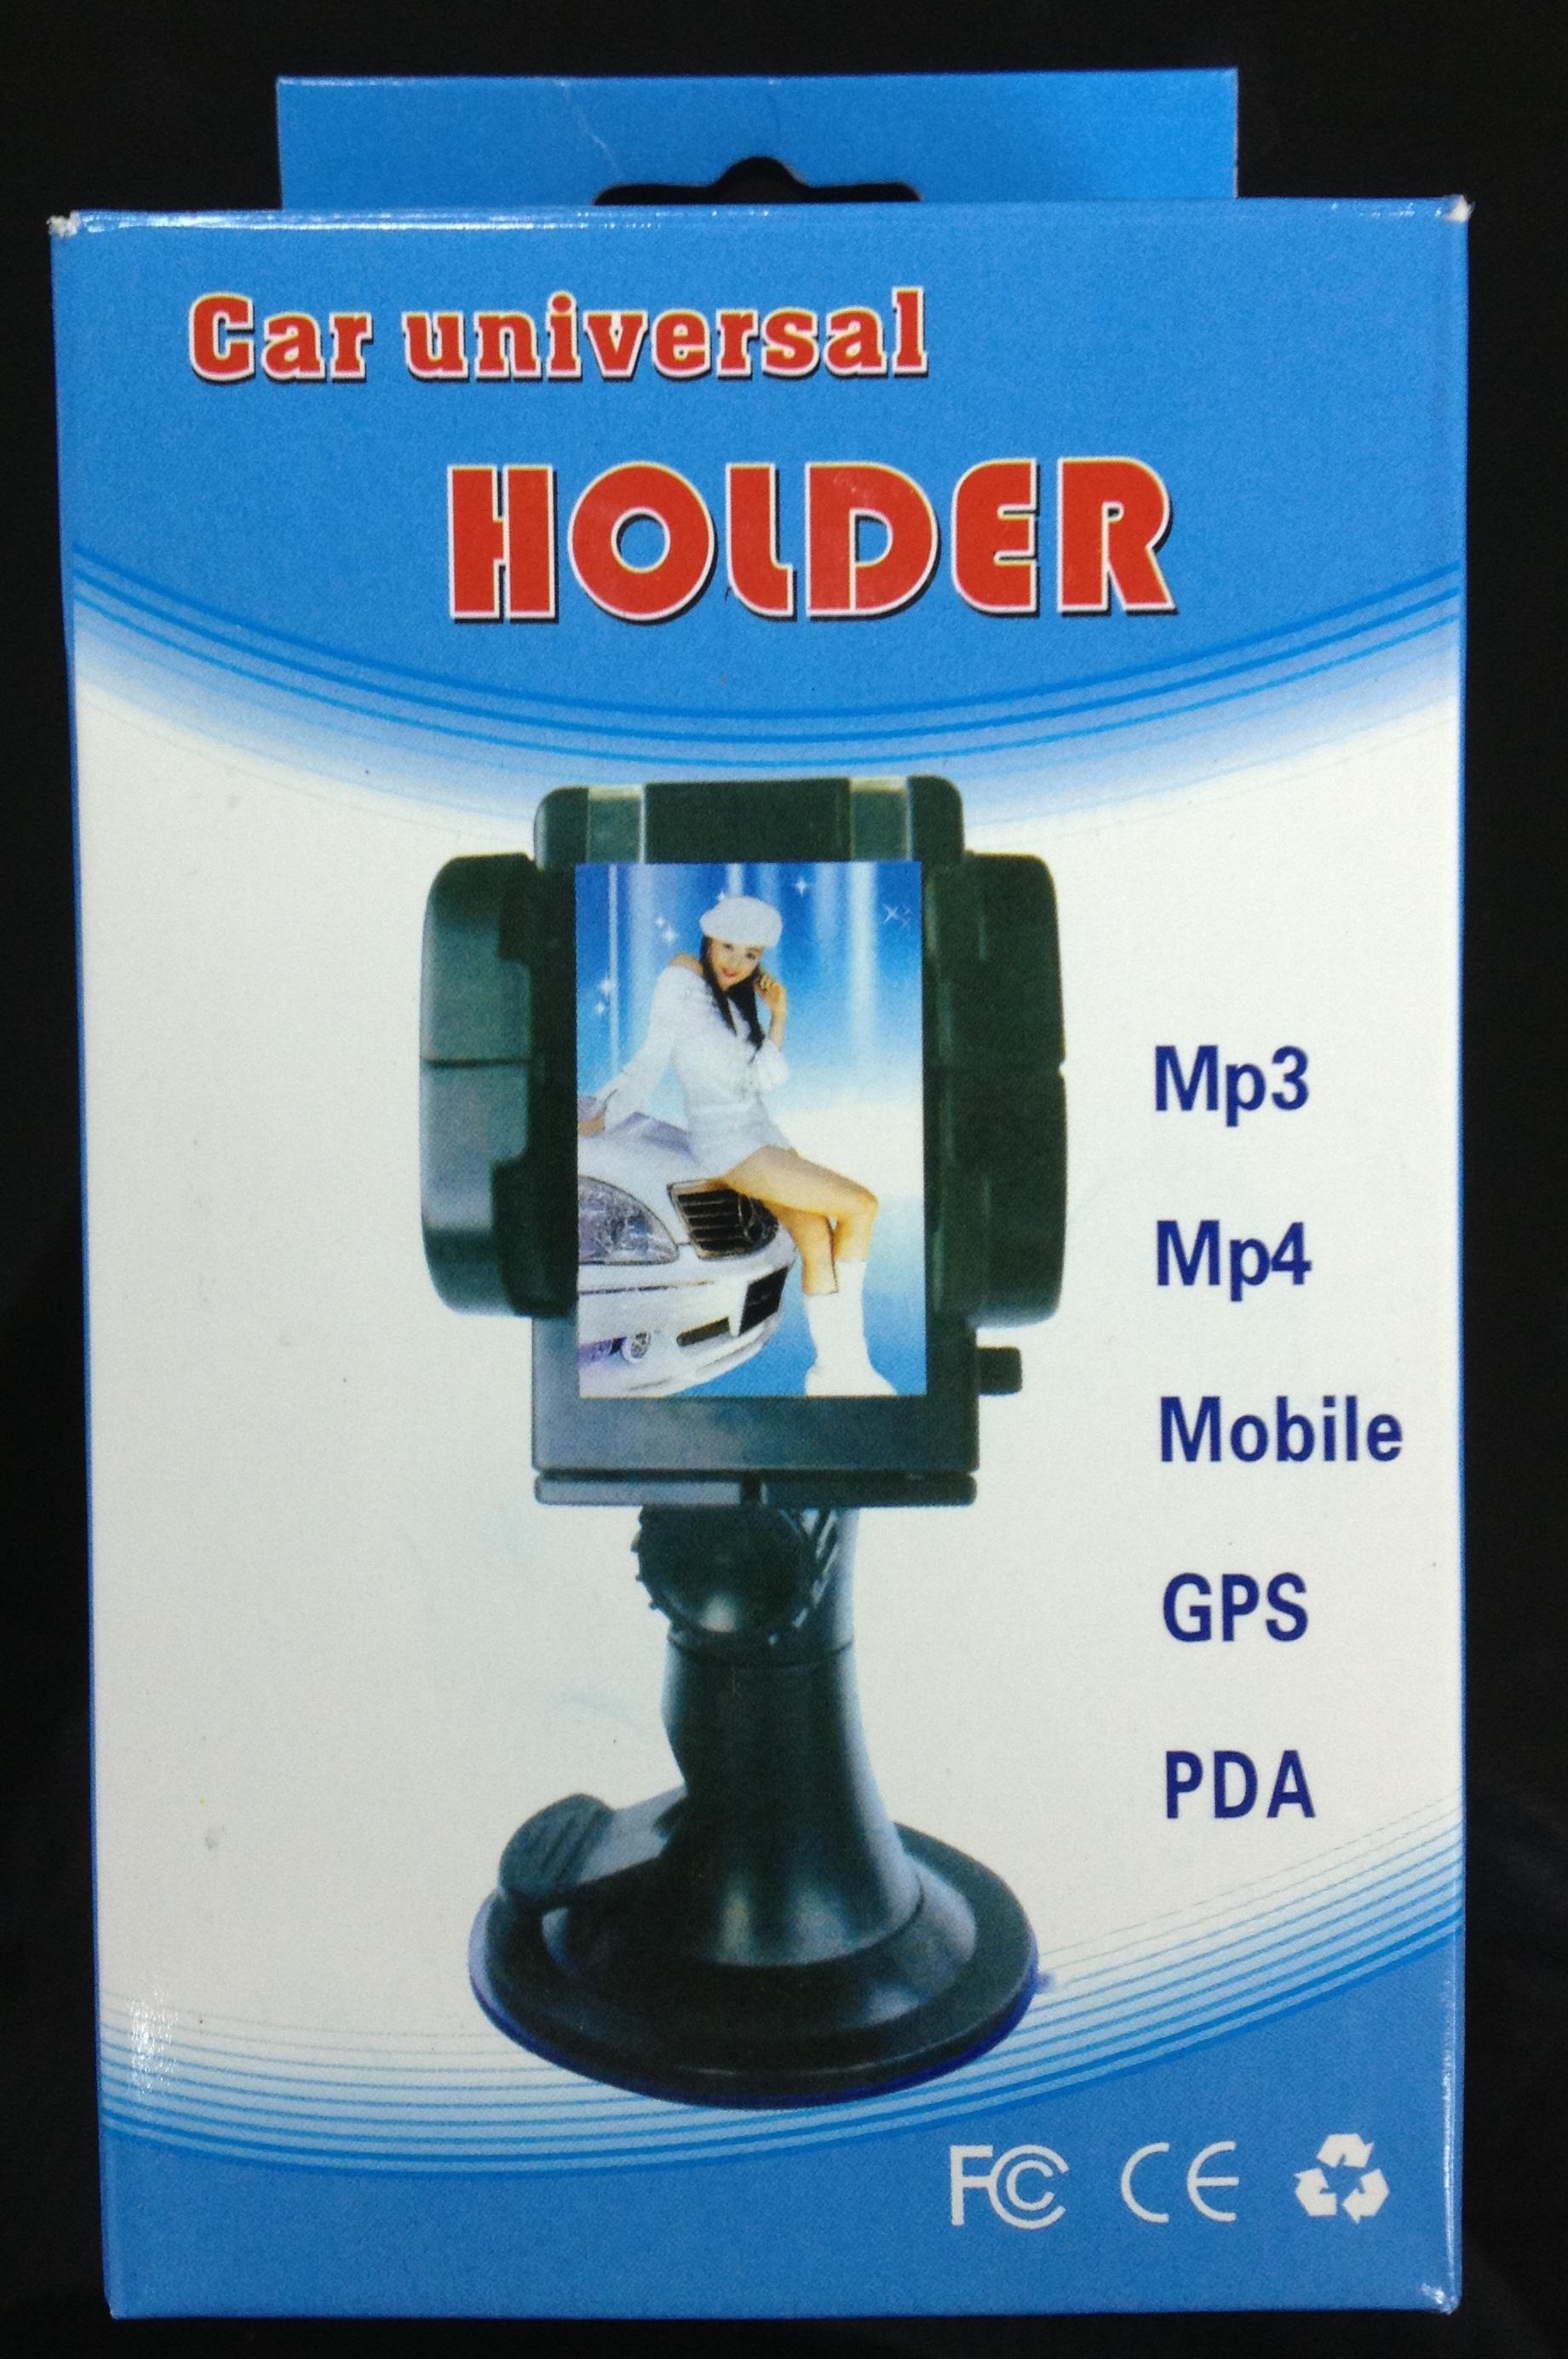 זרוע לטלפון אוניברסלית לניידים לרכב - כל סוגי הניידים  - משלוח עד הבית!